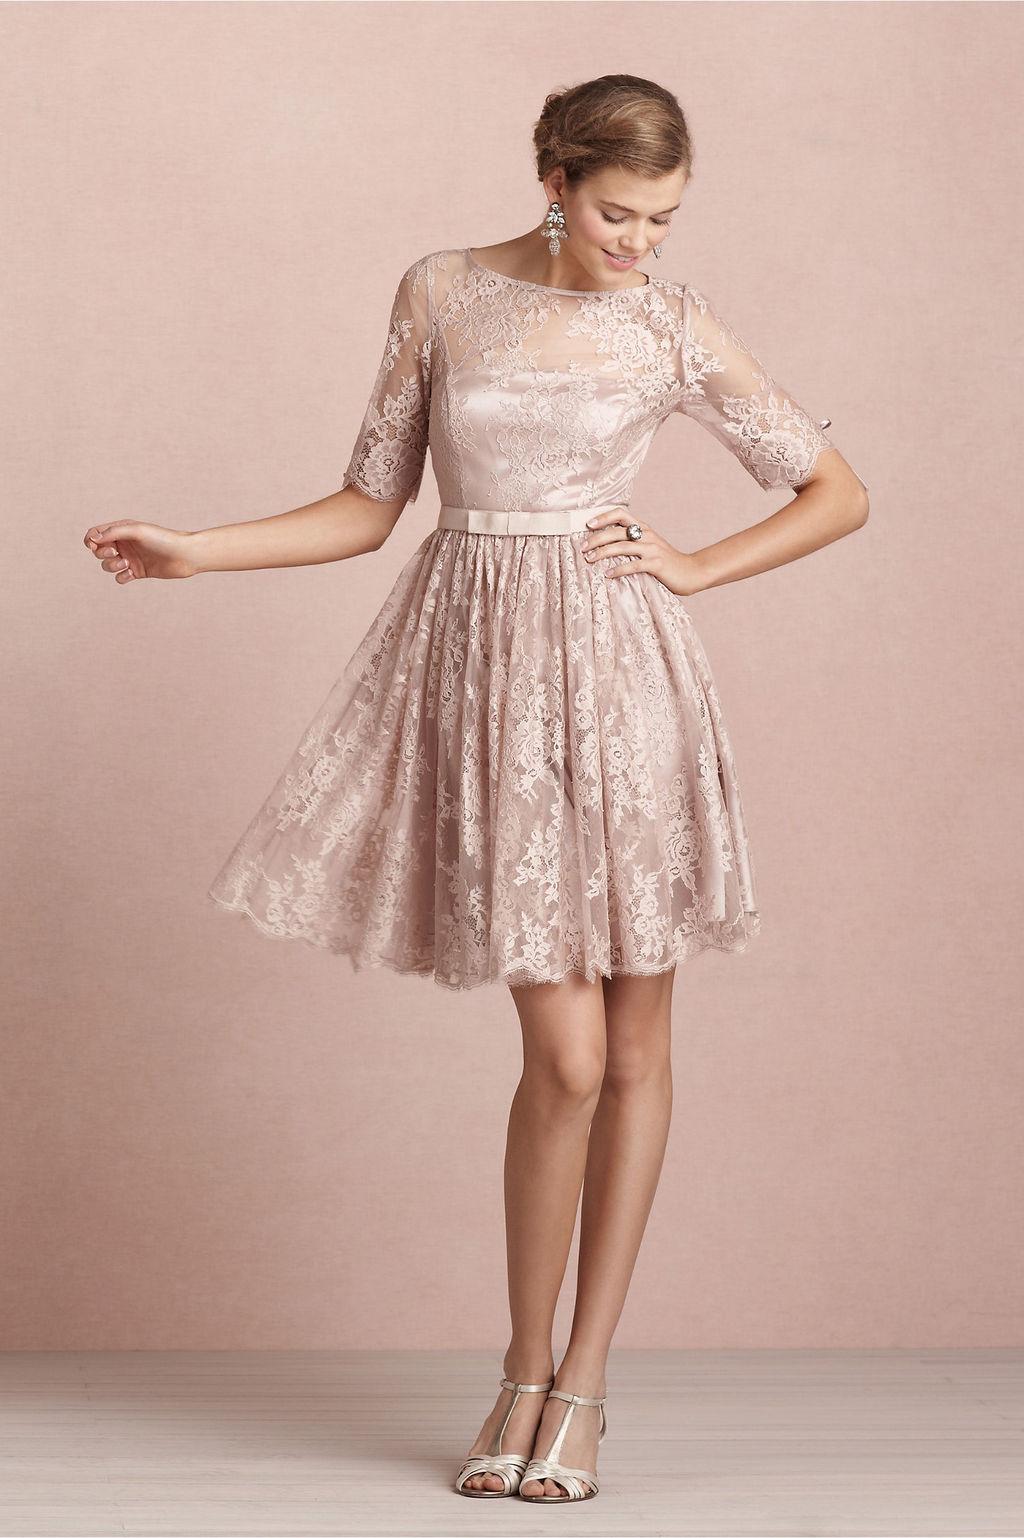 Y. A. Q. - Blog de moda, inspiración y tendencias: [Objeto del deseo ...